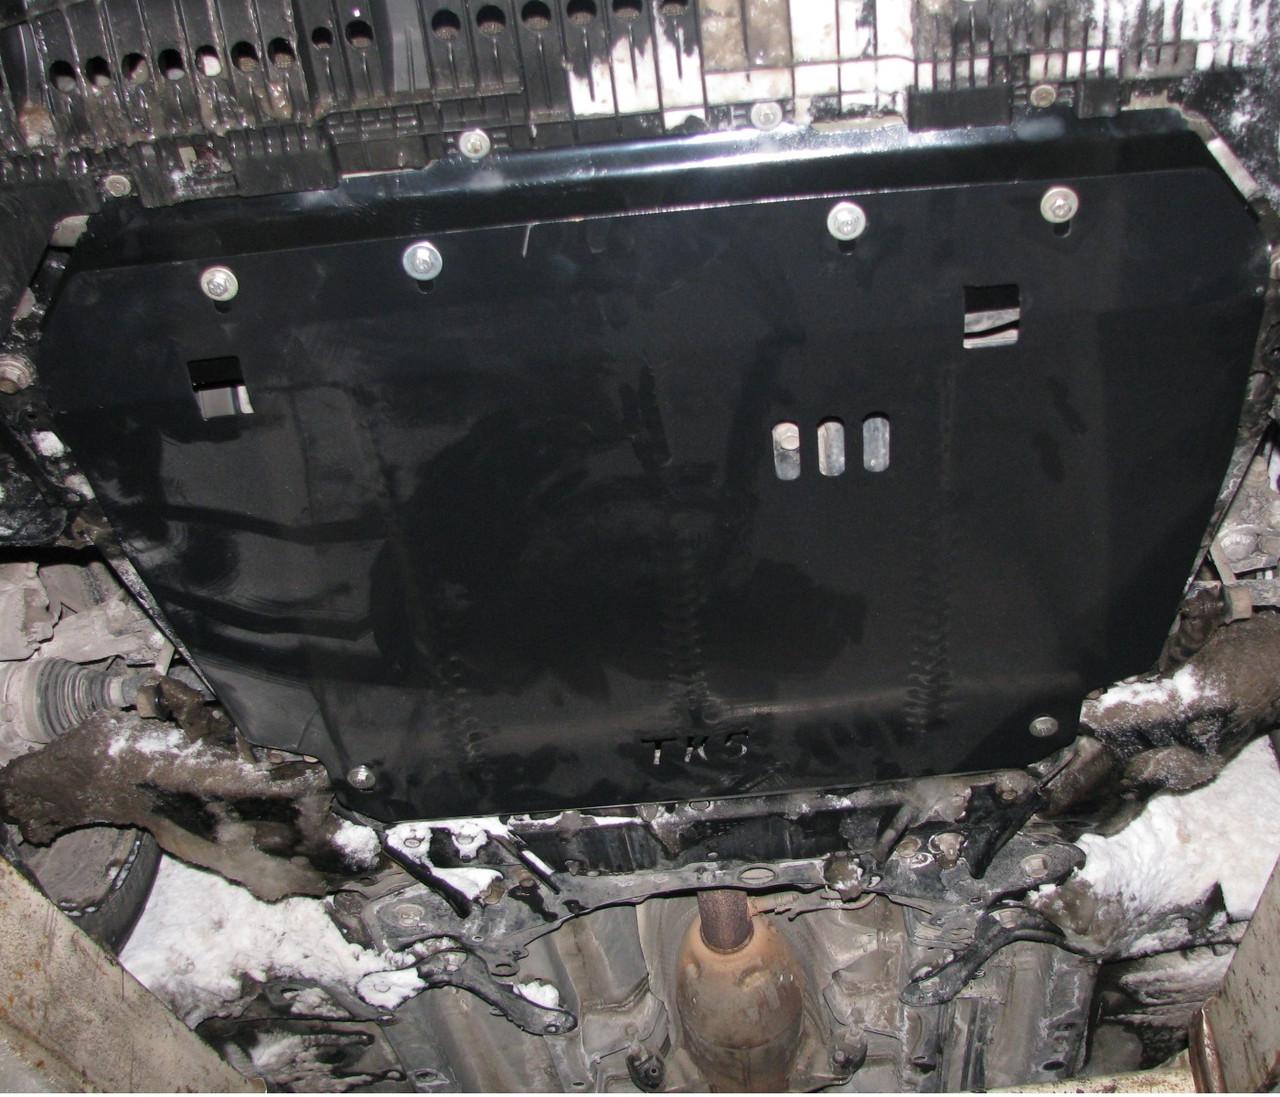 Захист двигуна Toyota COROLLA X-XI 2006- МКПП/АКПП Всі двигуни окрім 1.3, 1.8 АКПП (двигун+КПП)